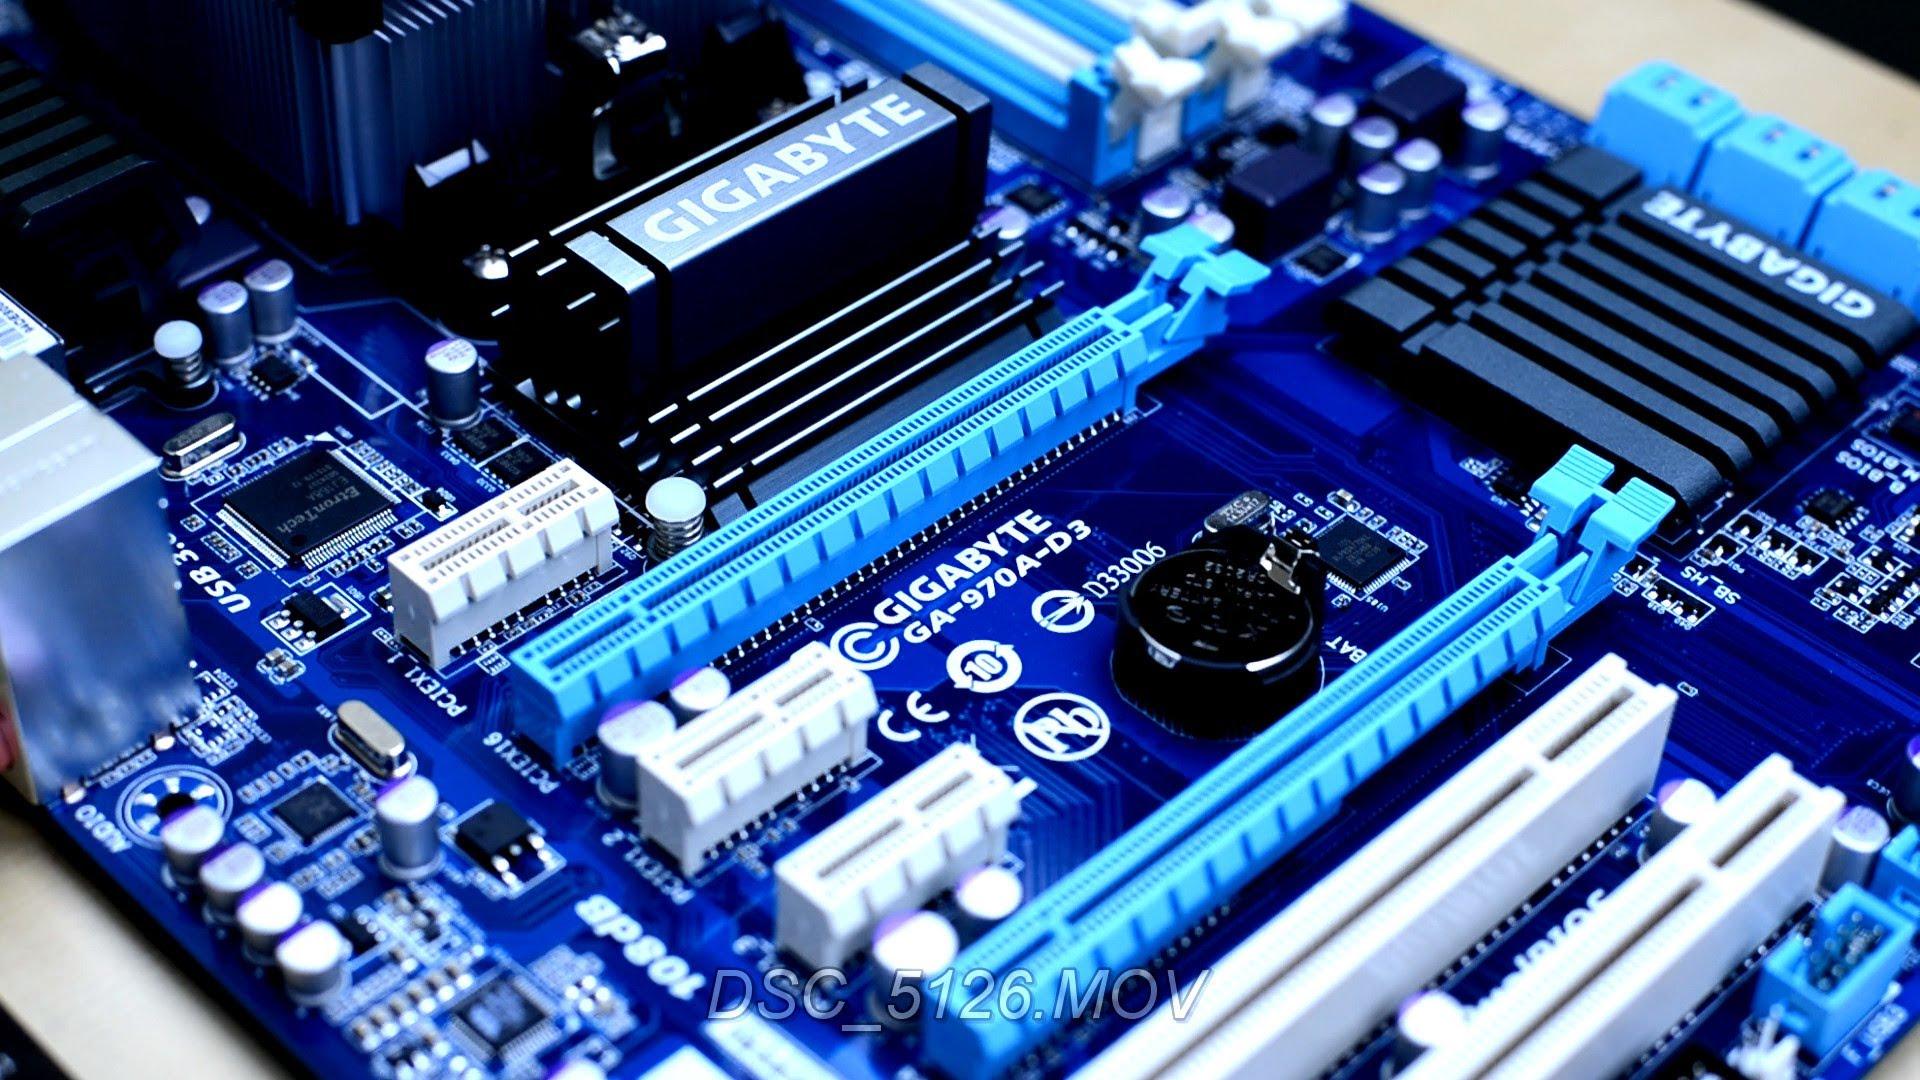 Intel i3 Wallpaper Amd vs Intel Core i3 3220 vs 1920x1080